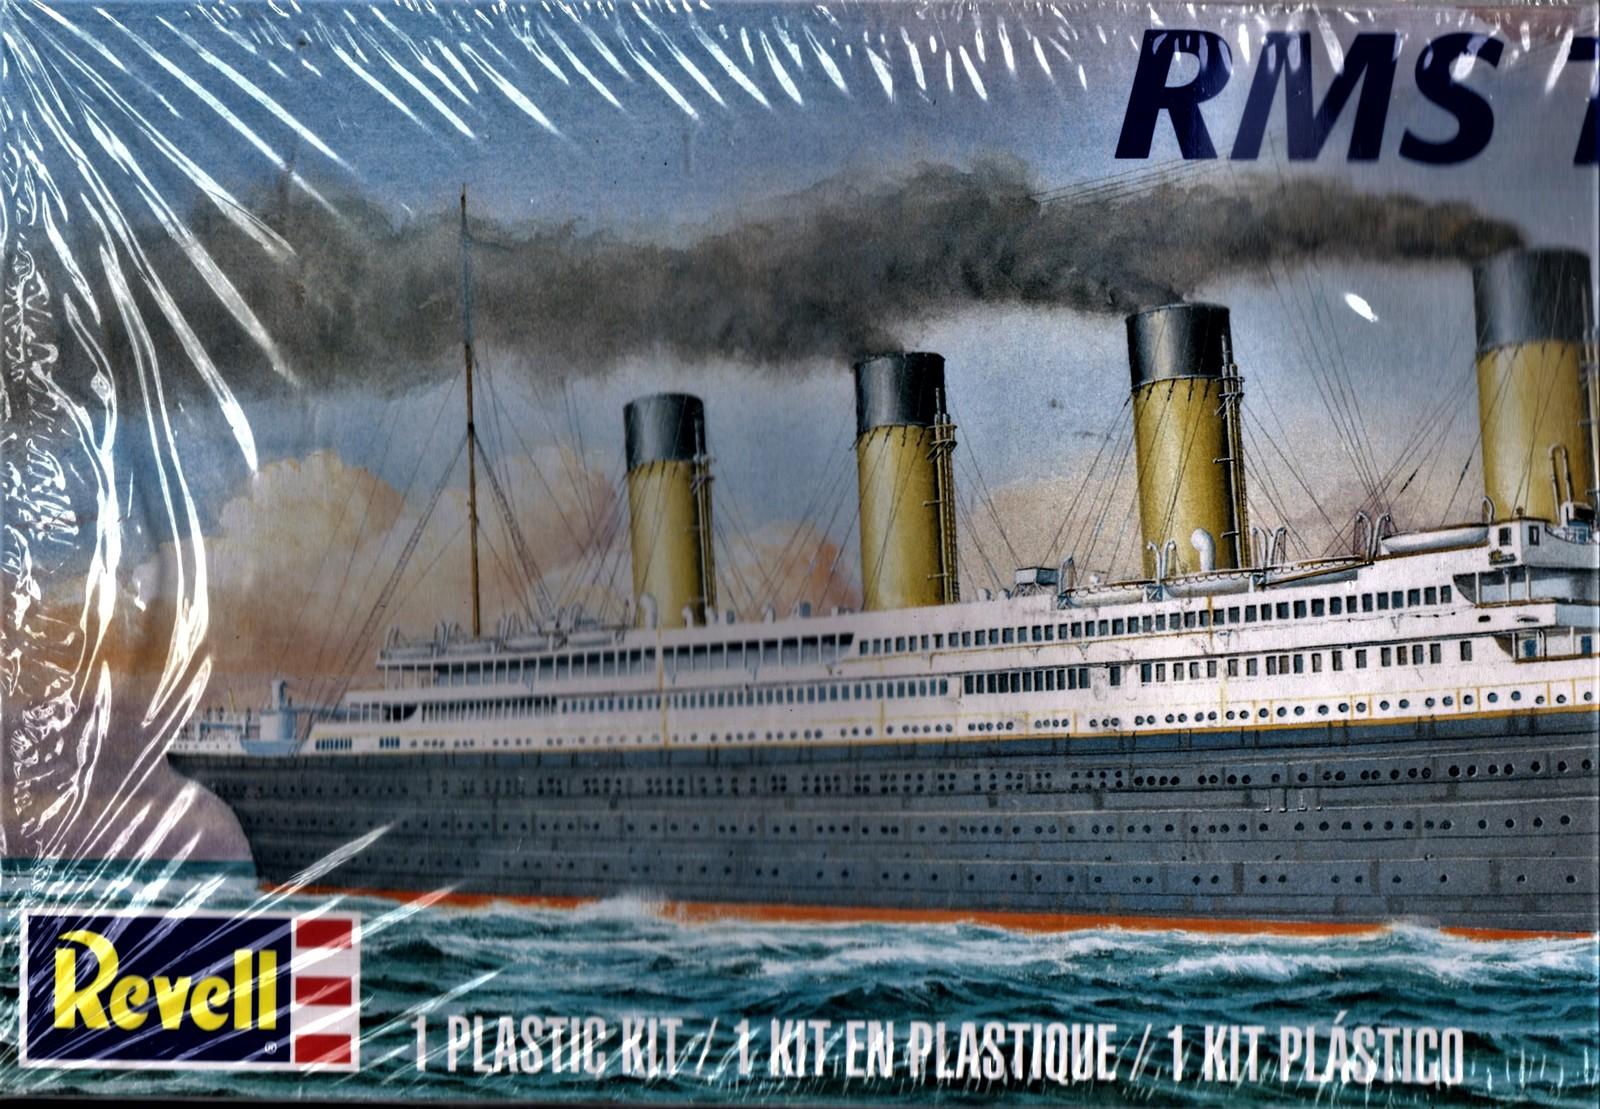 Revell RMS Titantic - skill 2 plastic model (Brand New, Factory Sealed)